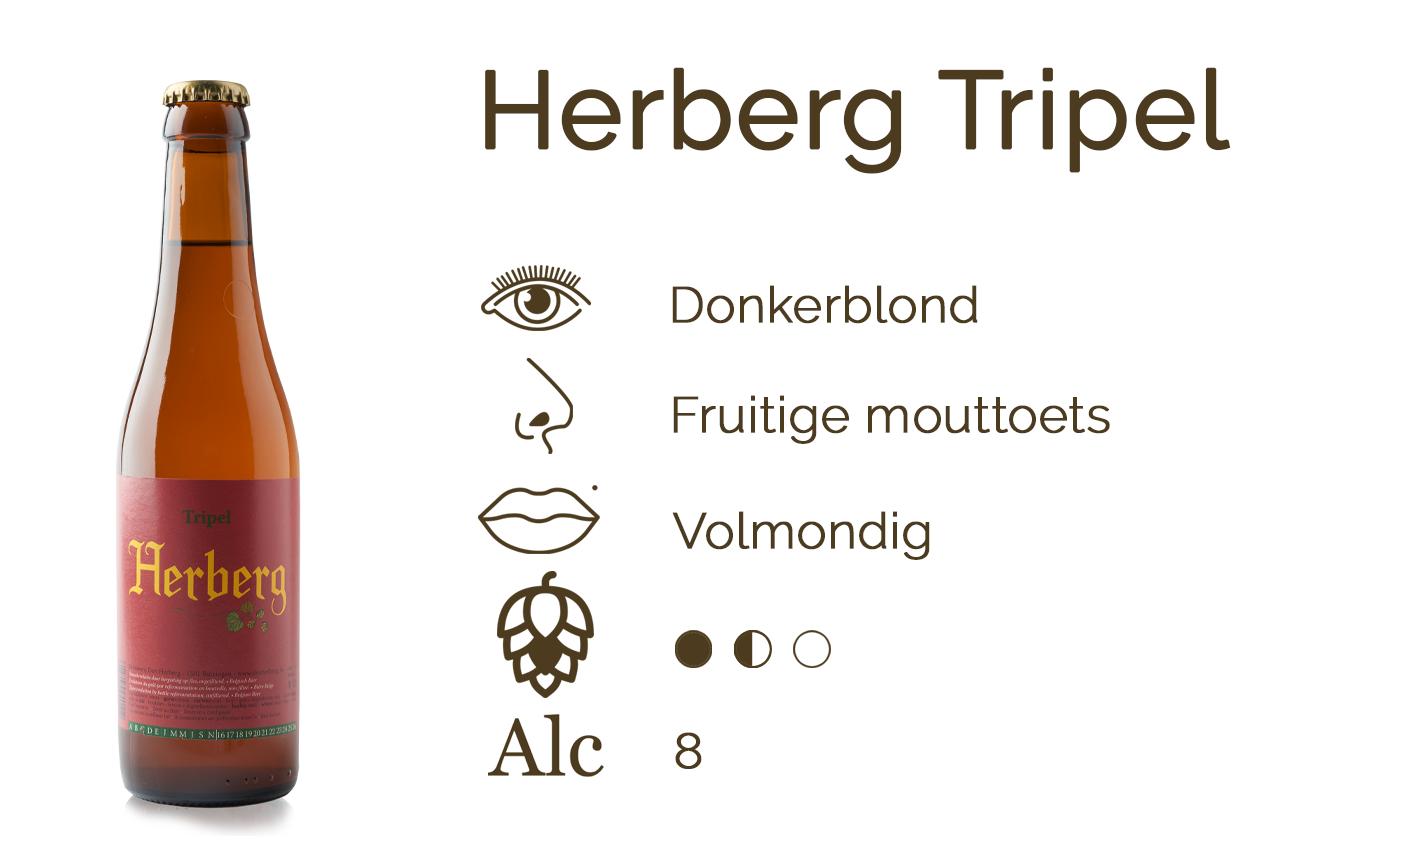 Smaakfiche voorstel 3 Herberg tripel